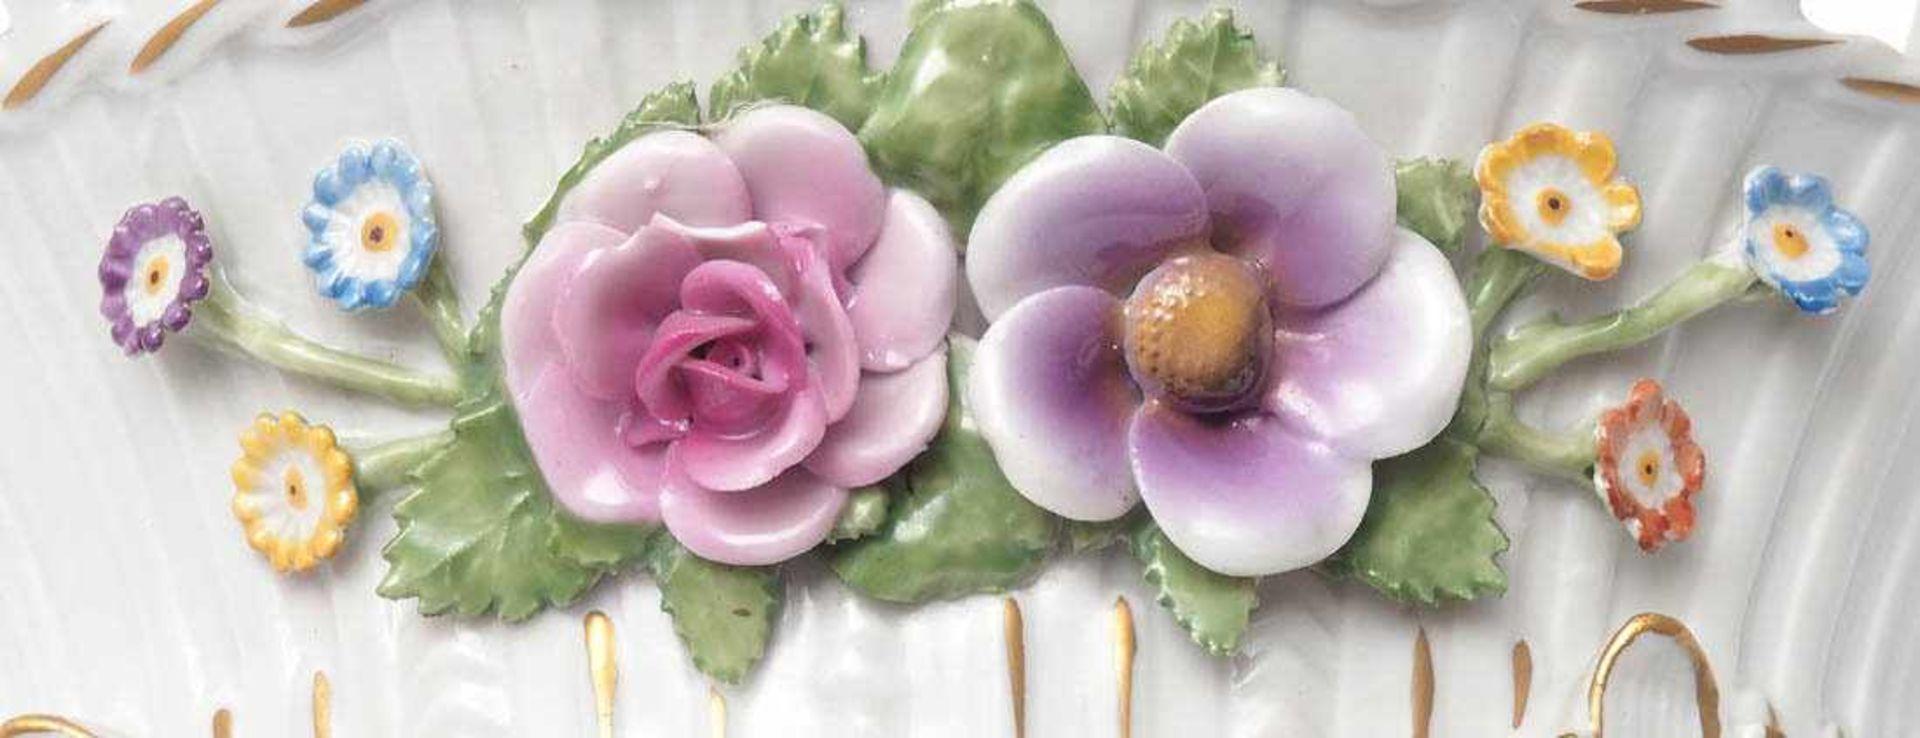 FruchtkorbPlaue 20. Jh. Tiefgemuldeter Korpus auf vier Blattfüßen und durchbrochen gearbeiteter - Bild 4 aus 4